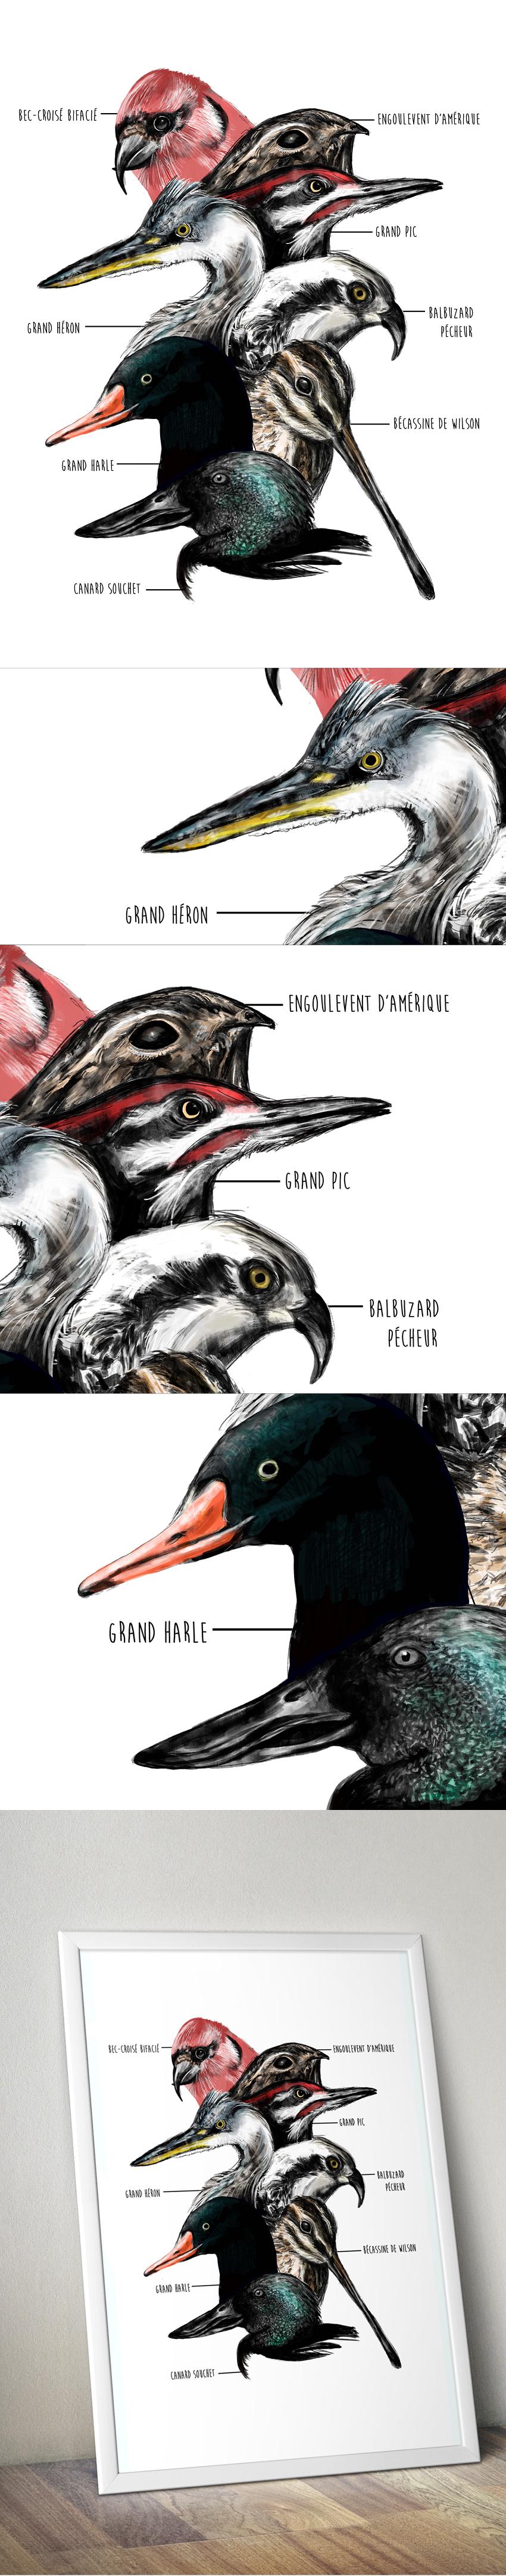 oiseaux_portfolio_2